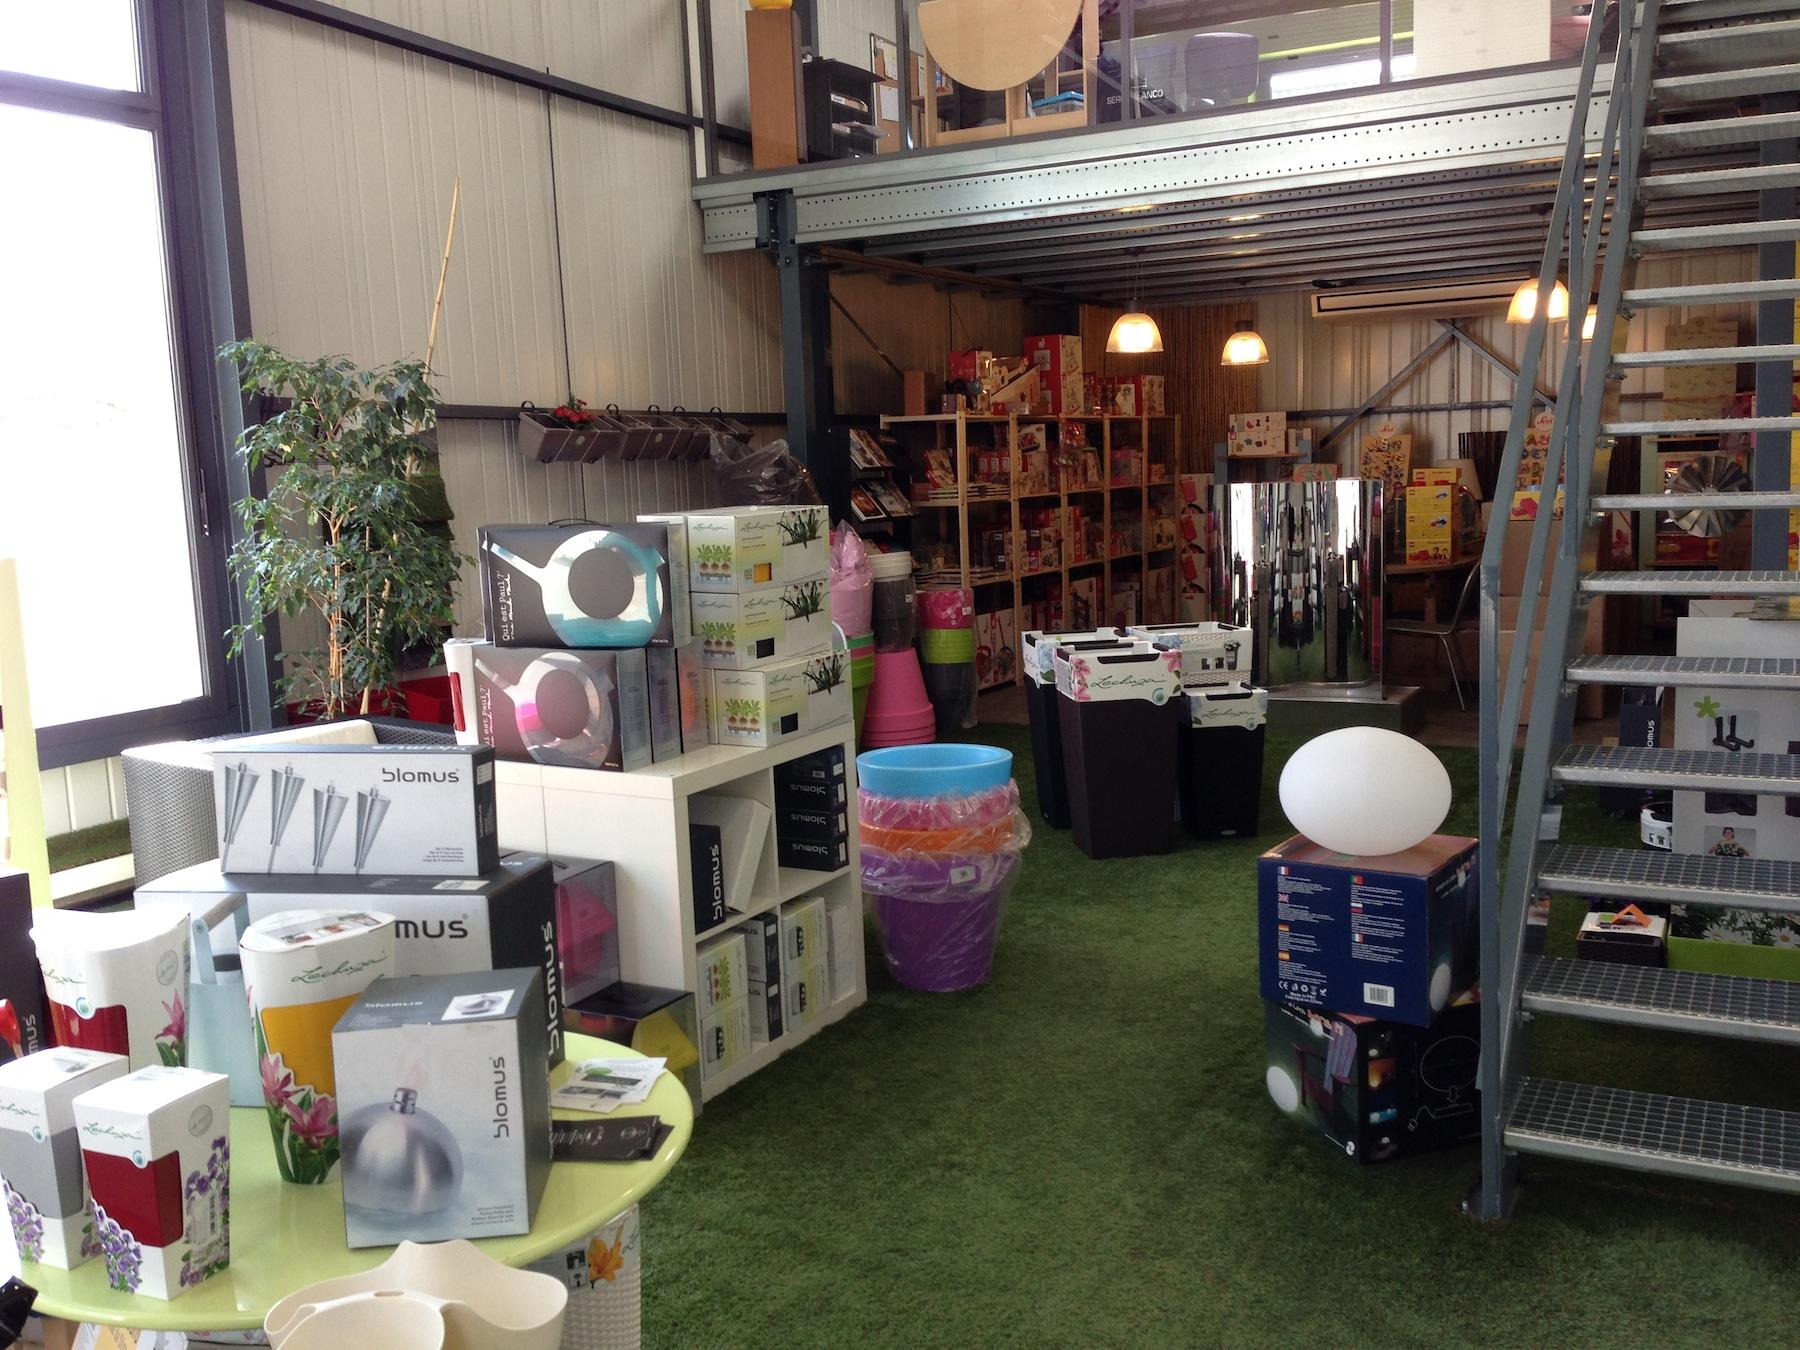 Espace professionnel lyon show room lyon jardin concept for Jardin concept